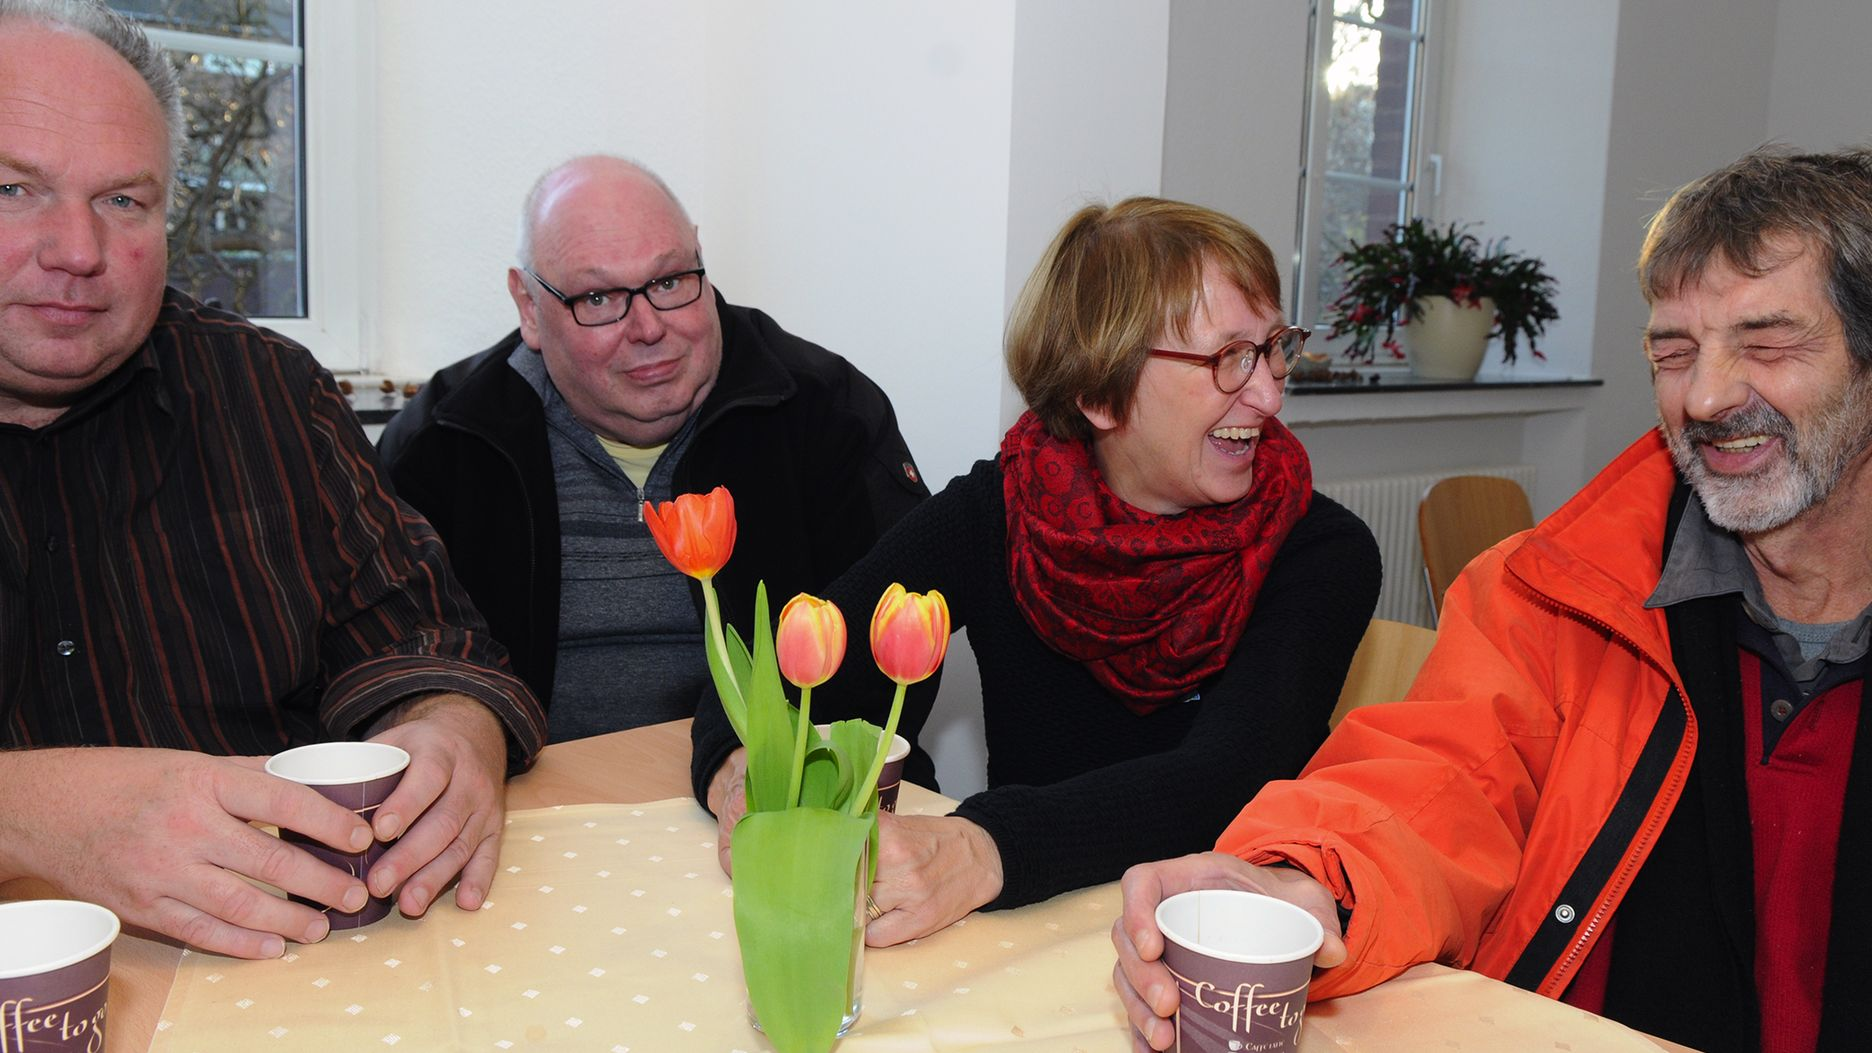 Weihnachtsessen Mönchengladbach.Mit Freunden Feiern Kath Kirche In Der Region Mönchengladbach